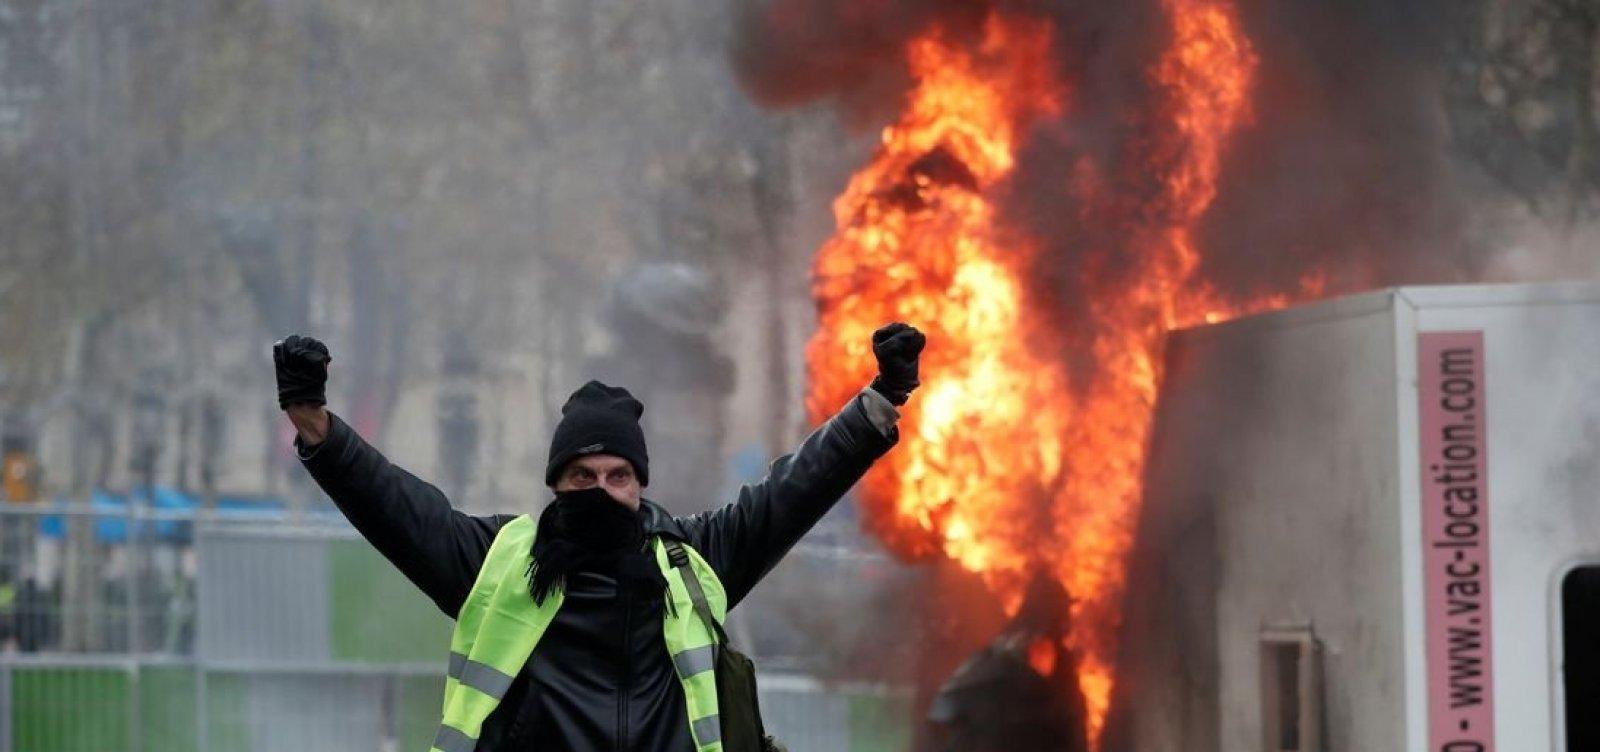 [Manifestantes protestam contra aumento de combustíveis em Paris]